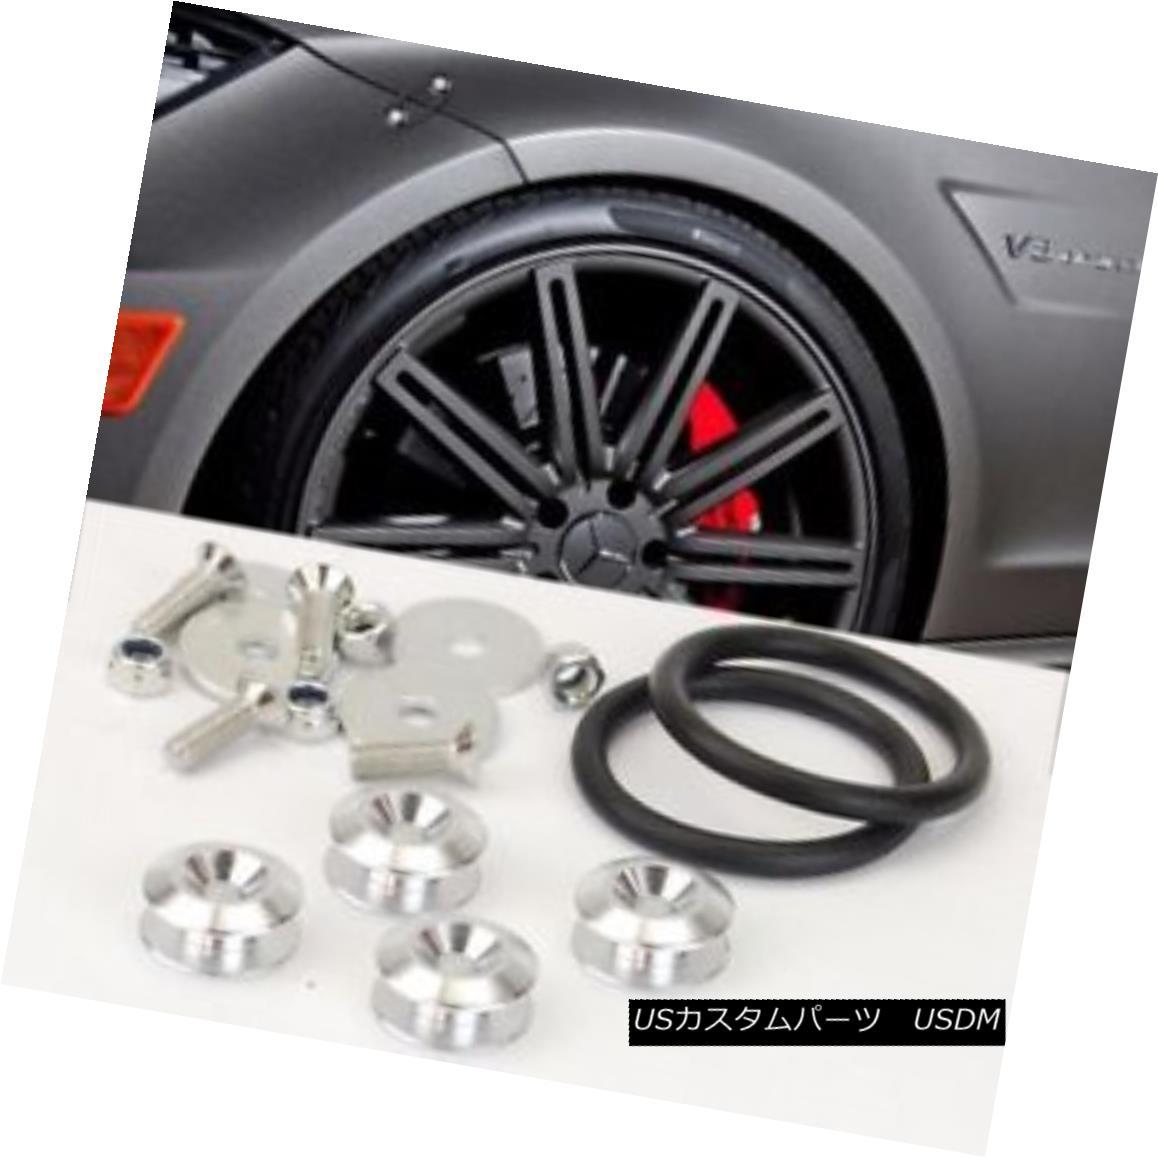 エアロパーツ Universal Silver Bolt on Fast Quick Release Secure Kit For Front Rear Bumper Lip ユニバーサルシルバーボルト、ファストクイックリリース、フロントリアバンパーリップ